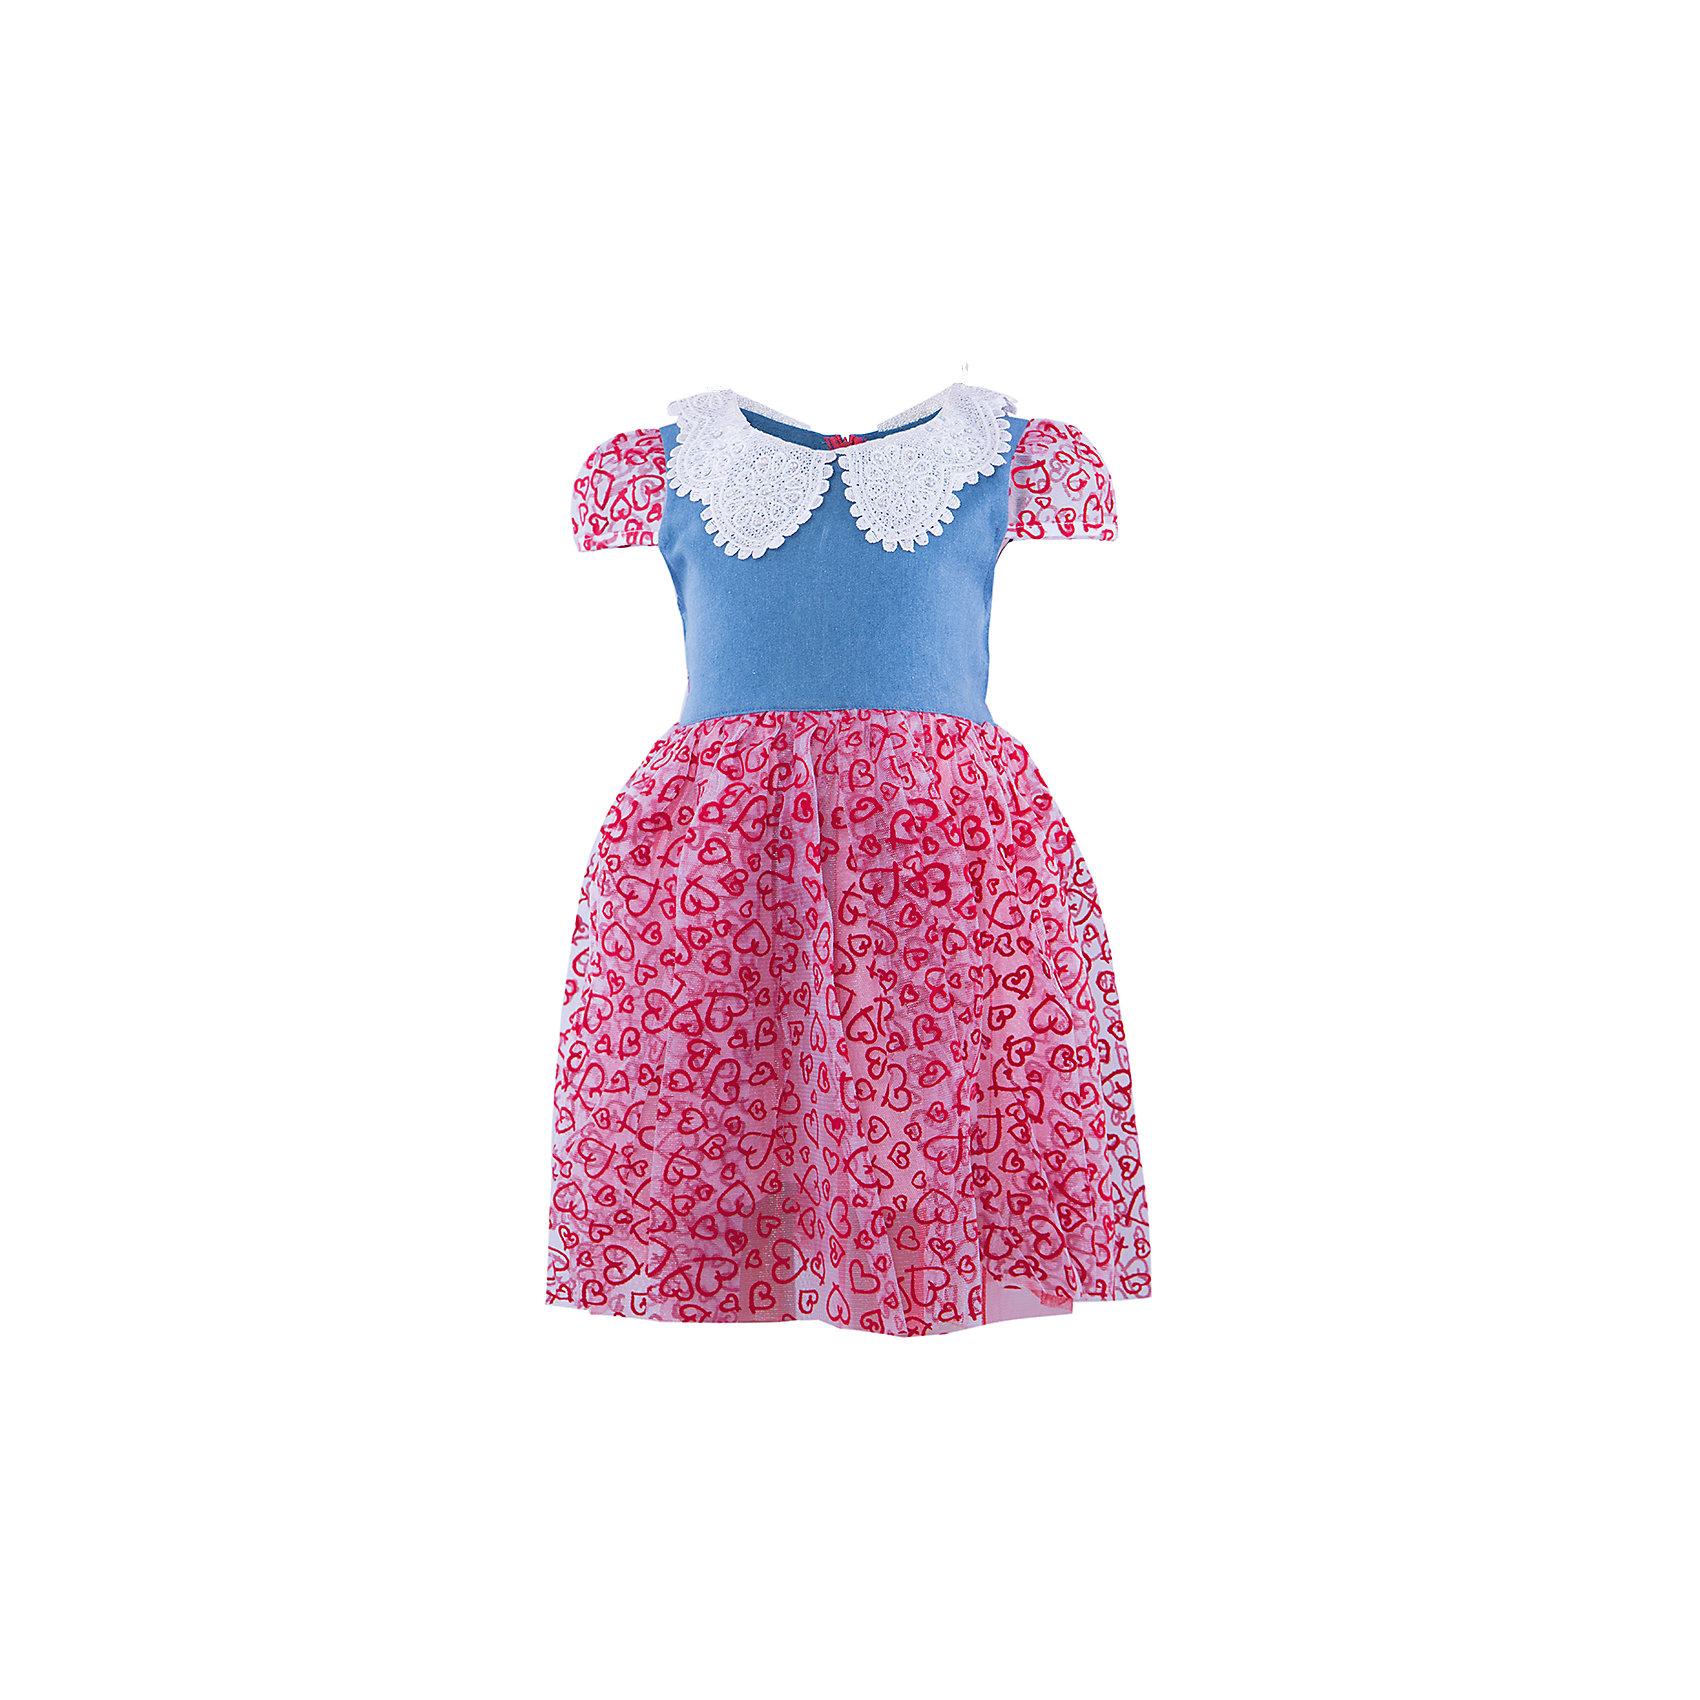 Платье ВенераНарядное платье для девочки. Верх выполнен из джинсы, украшен кружевным воротником со стразами. Юбка платья воздушная и невесомая, состоящая из трех подьюбников. Рукава платья выполнены из принтованной сетки, со вставными резиночками. Красивое нарядное платье для празника и повседневной носки.<br><br>Ширина мм: 236<br>Глубина мм: 16<br>Высота мм: 184<br>Вес г: 177<br>Цвет: красный<br>Возраст от месяцев: 48<br>Возраст до месяцев: 60<br>Пол: Женский<br>Возраст: Детский<br>Размер: 104/110,110/116,98/104,116/122<br>SKU: 4388978